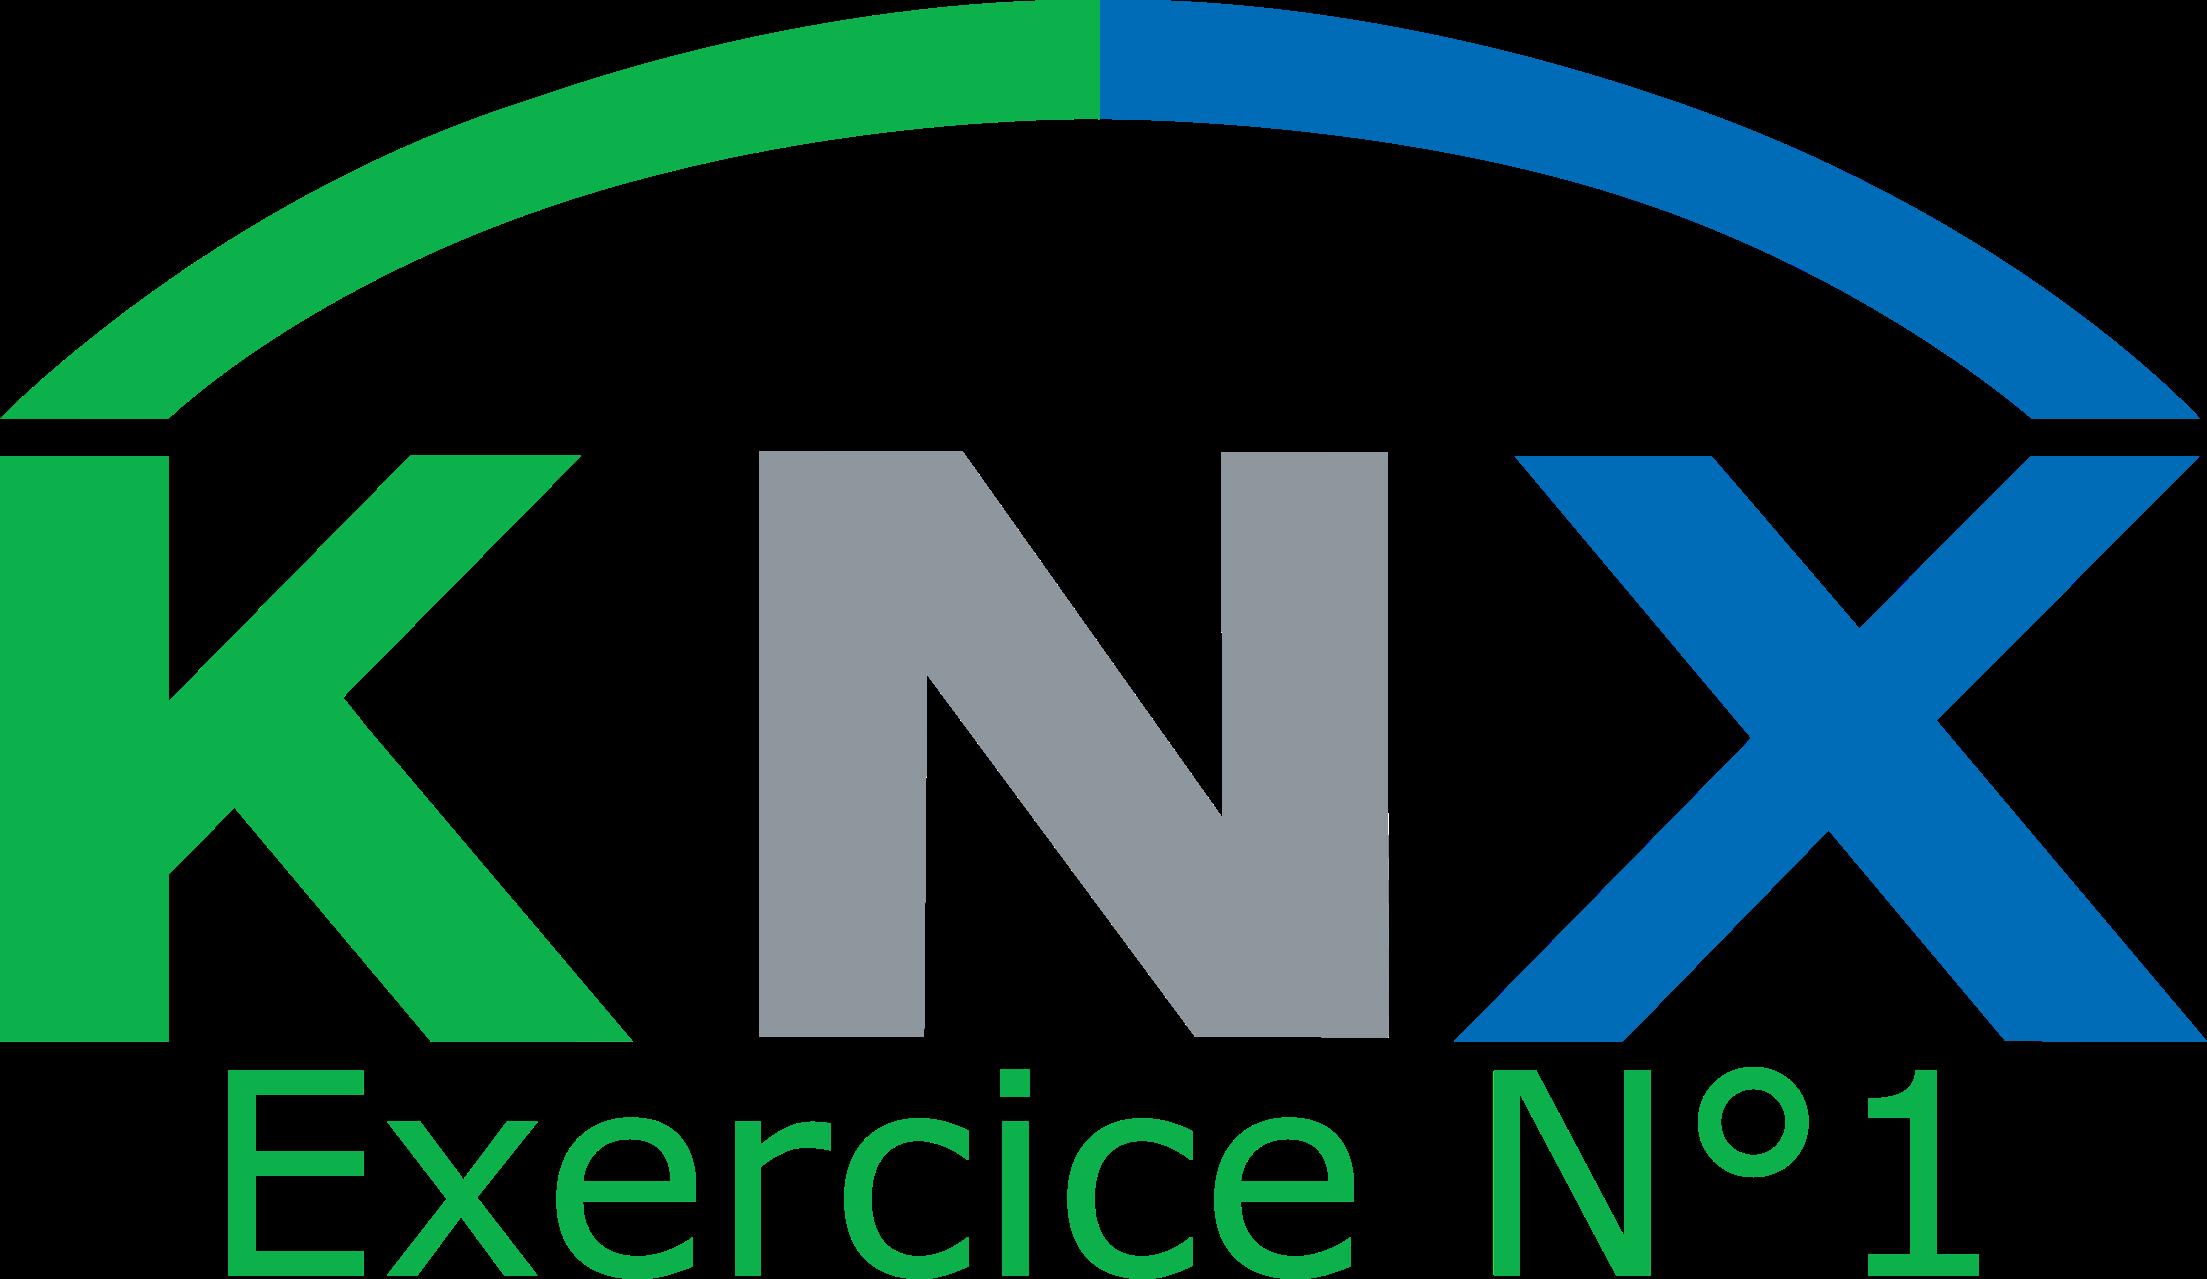 MyEleec – KNX – Exercice N°1